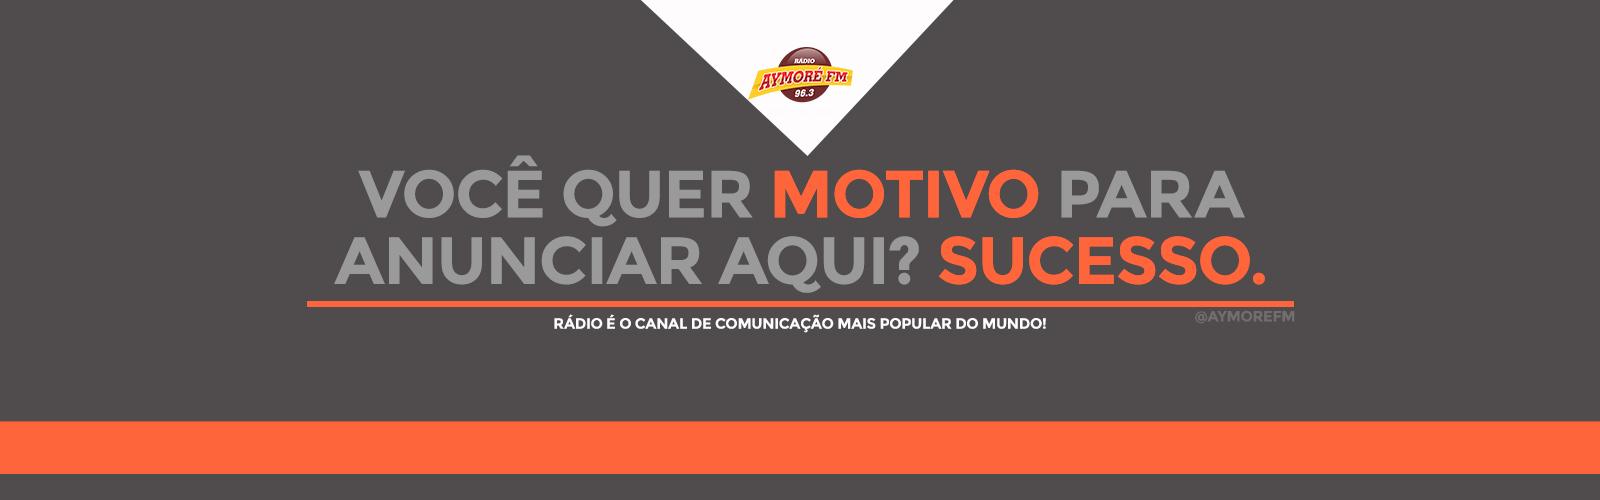 RÁDIO AYMORÉ FM